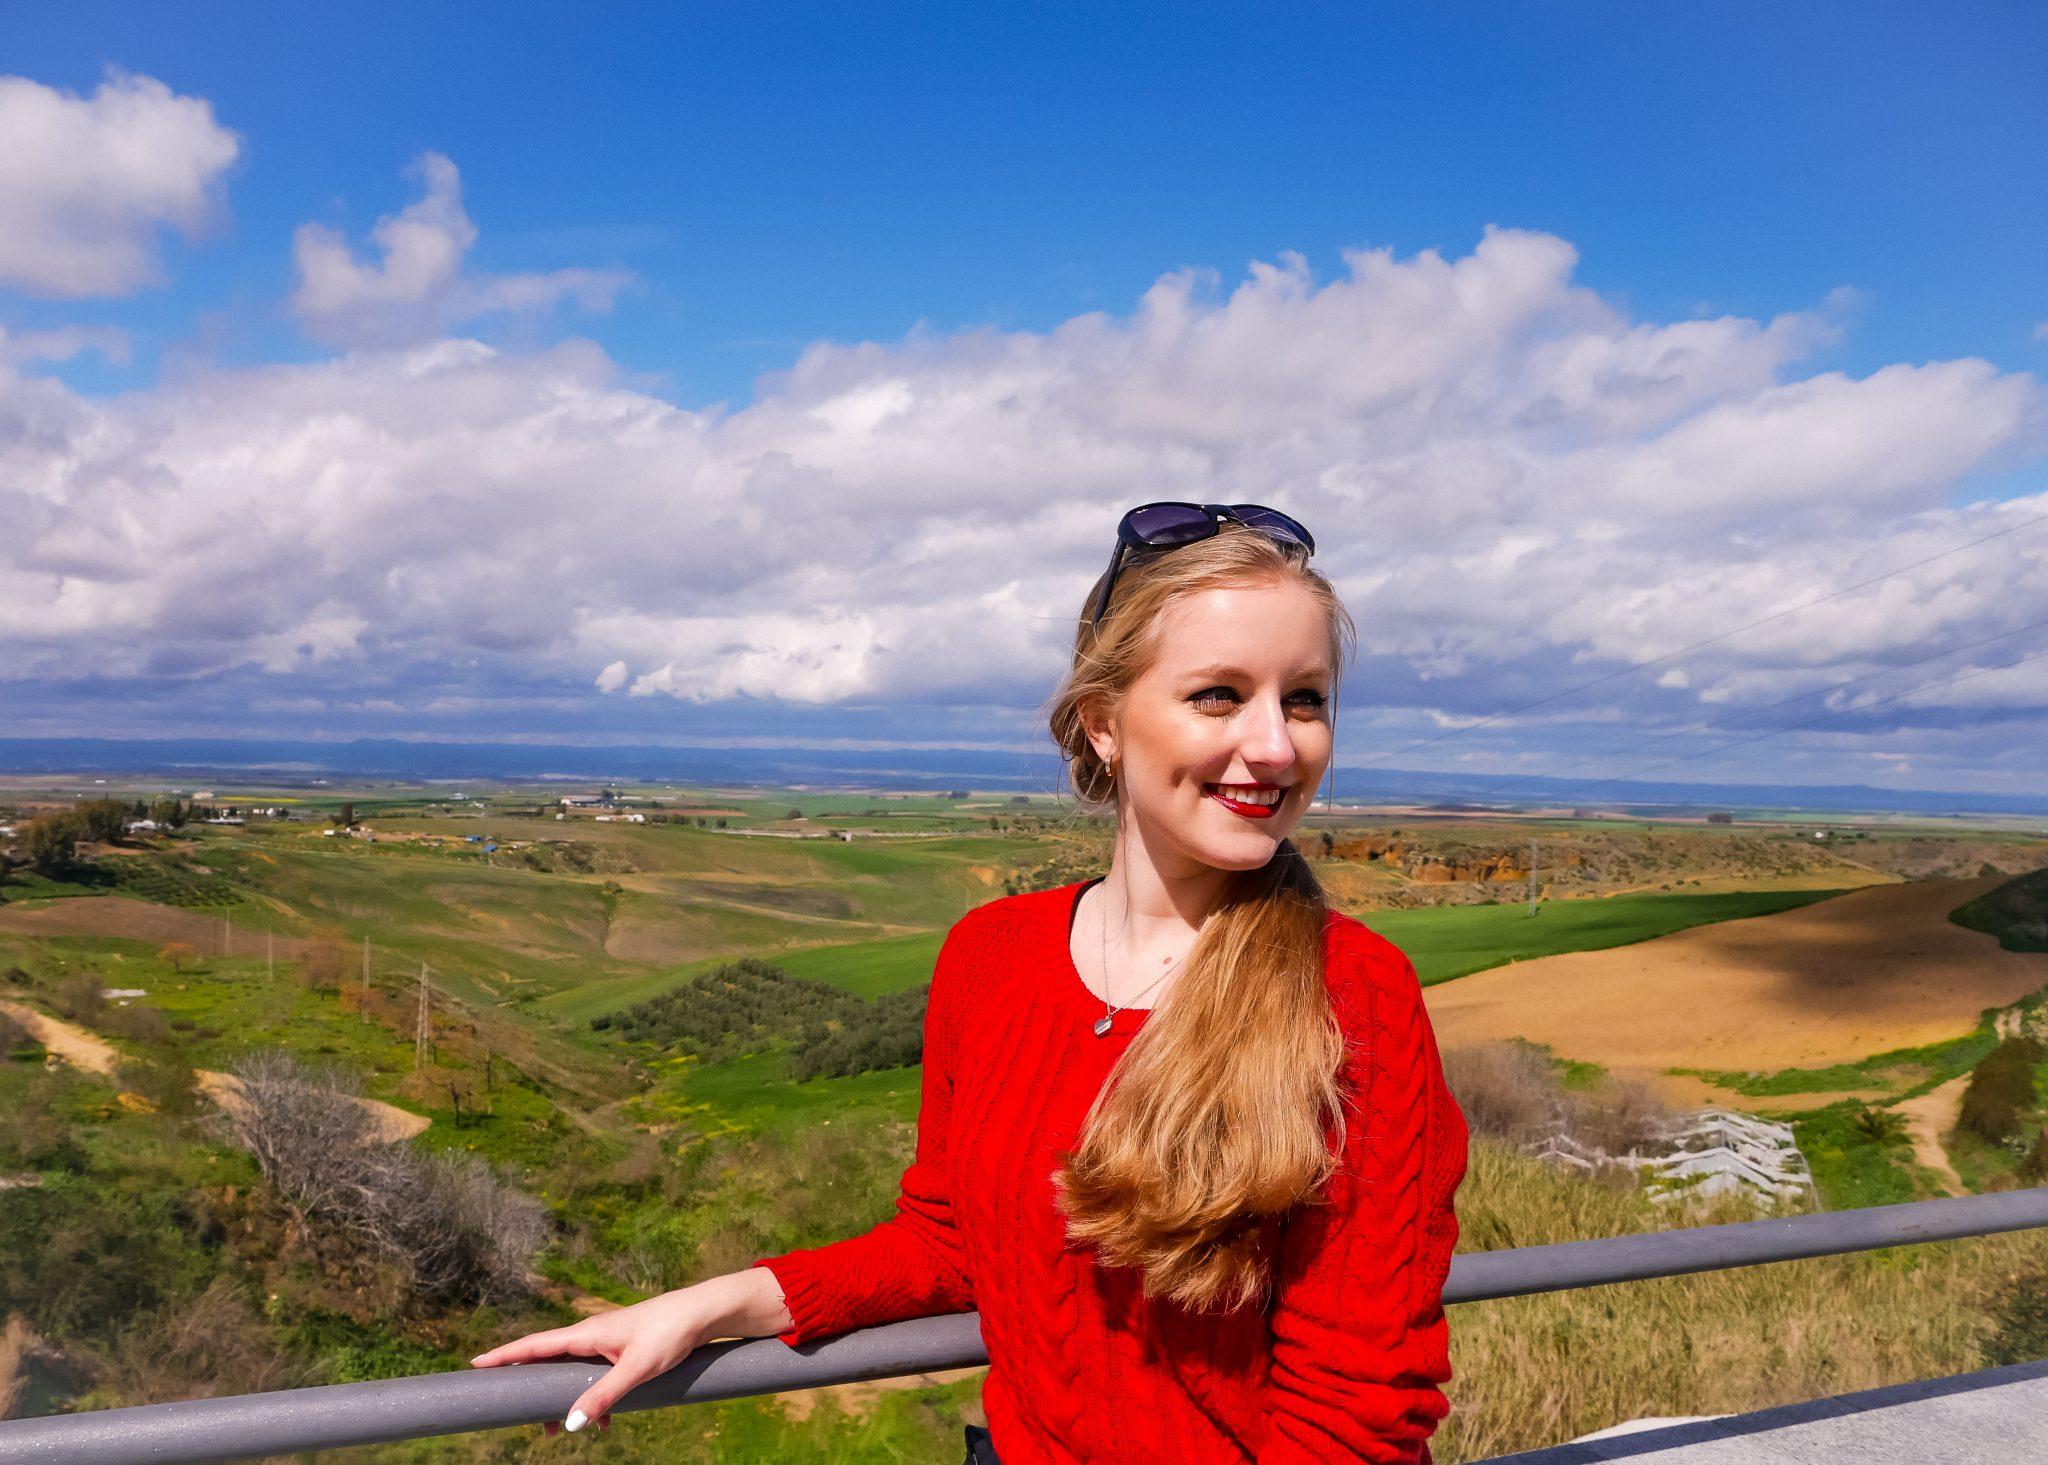 Da Carmona auf einem Hügel liegt, ist die Aussicht unglaublich!